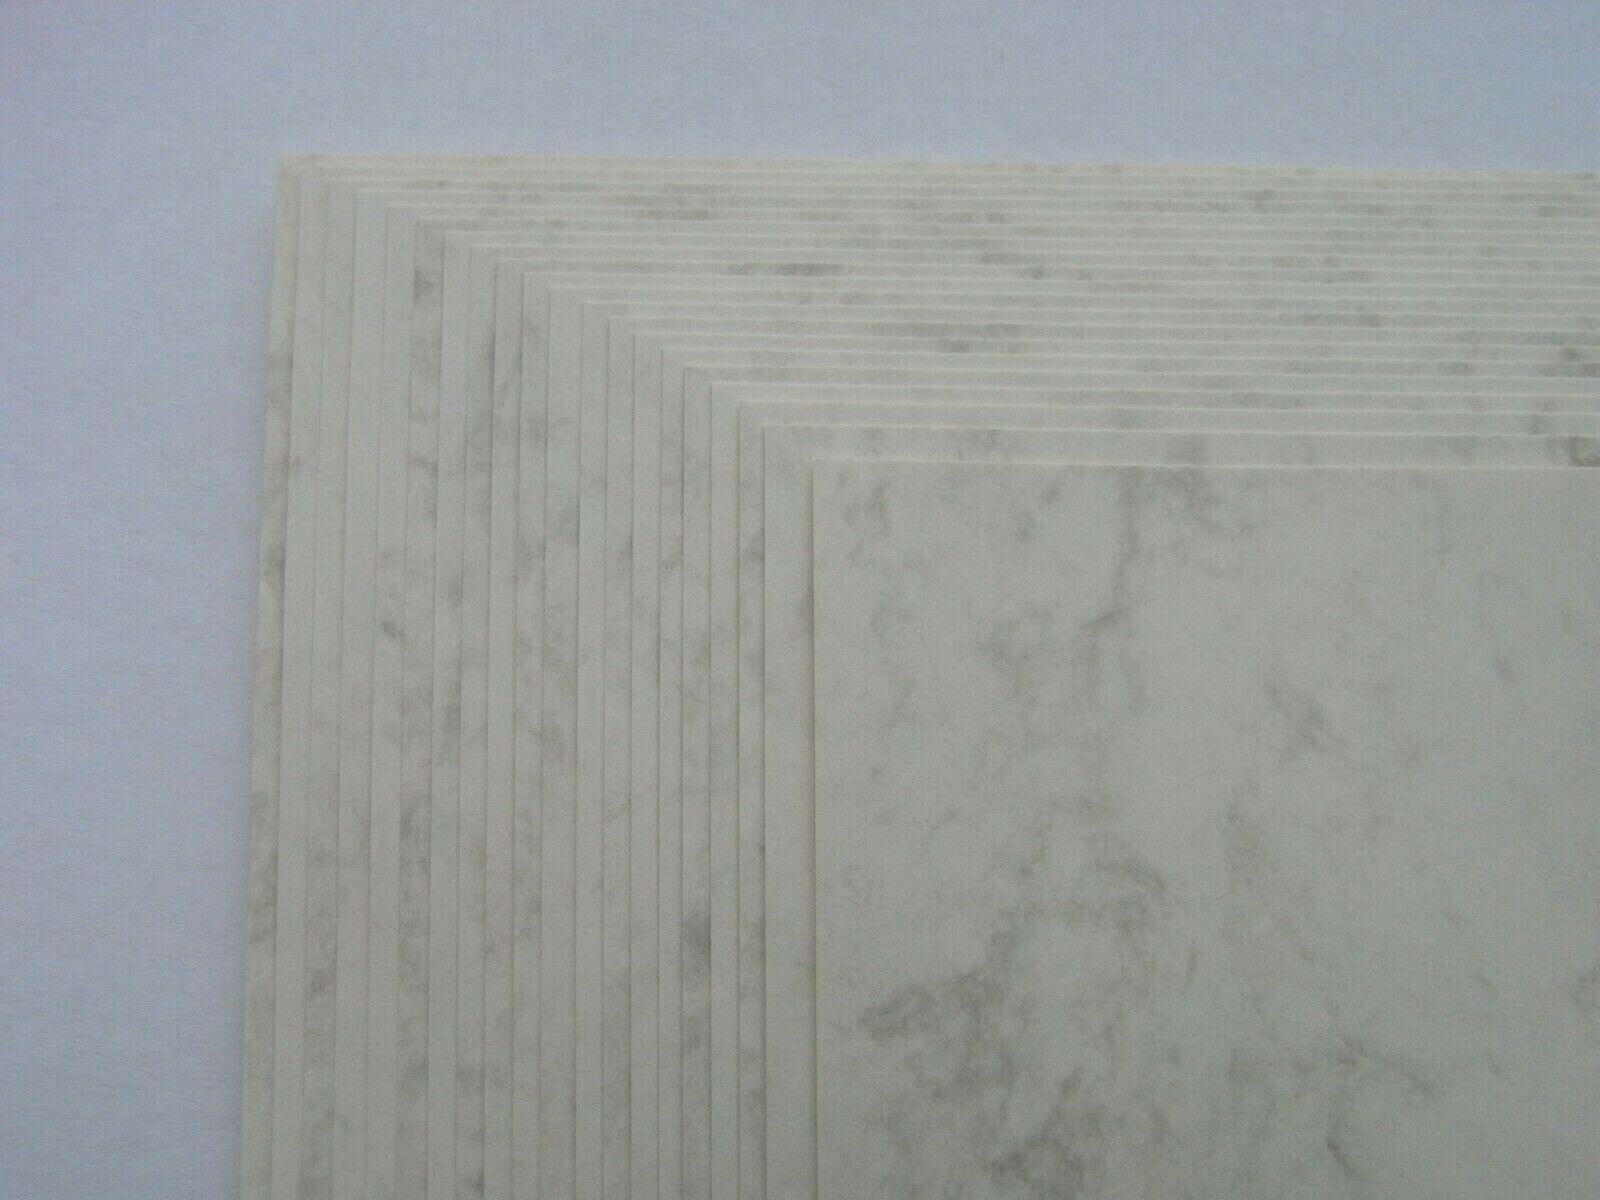 Marmor - Papier, braun - beige A4 200 g/qm 20 Blatt marmoriert